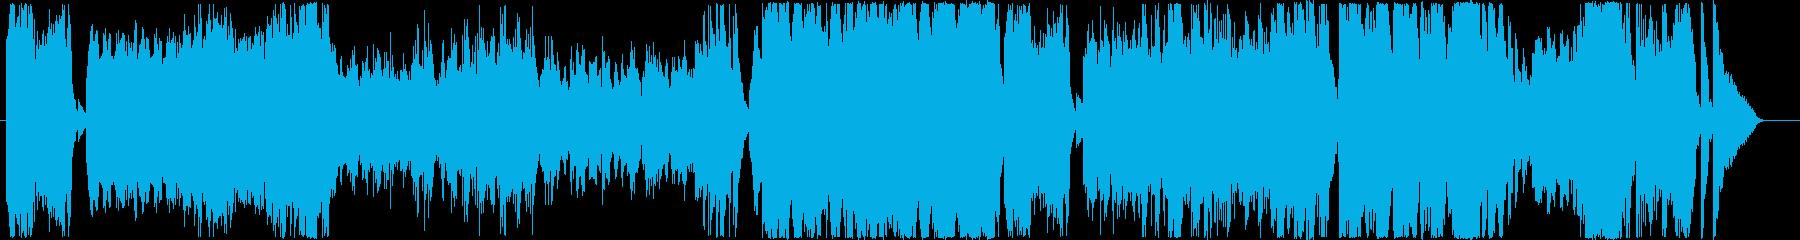 嵐をイメージした激しいピアノ曲の再生済みの波形